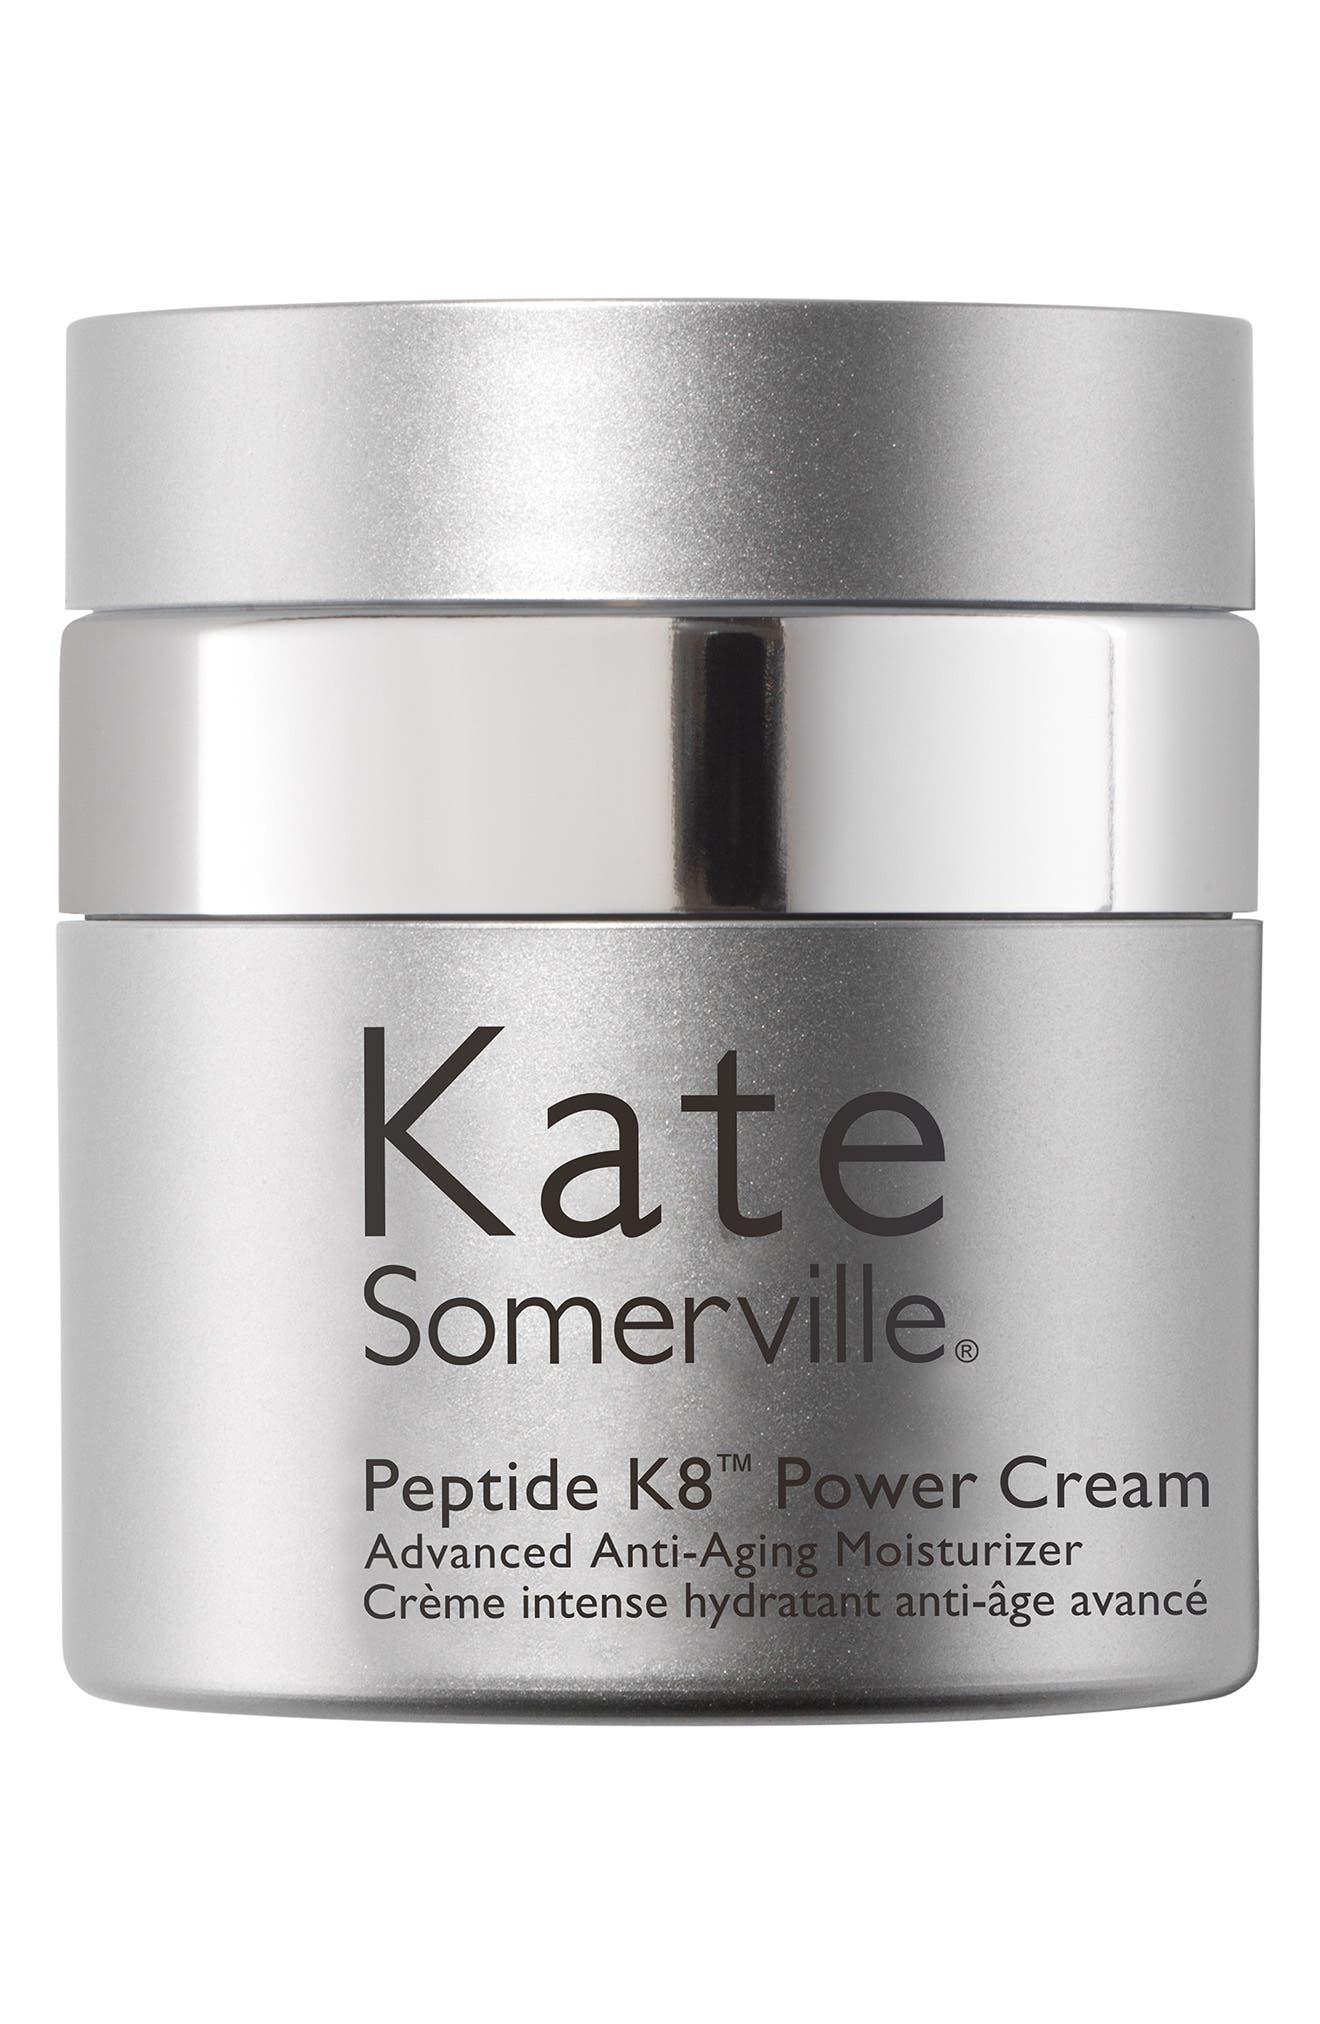 Kate Somerville Peptide K8(TM) Power Cream